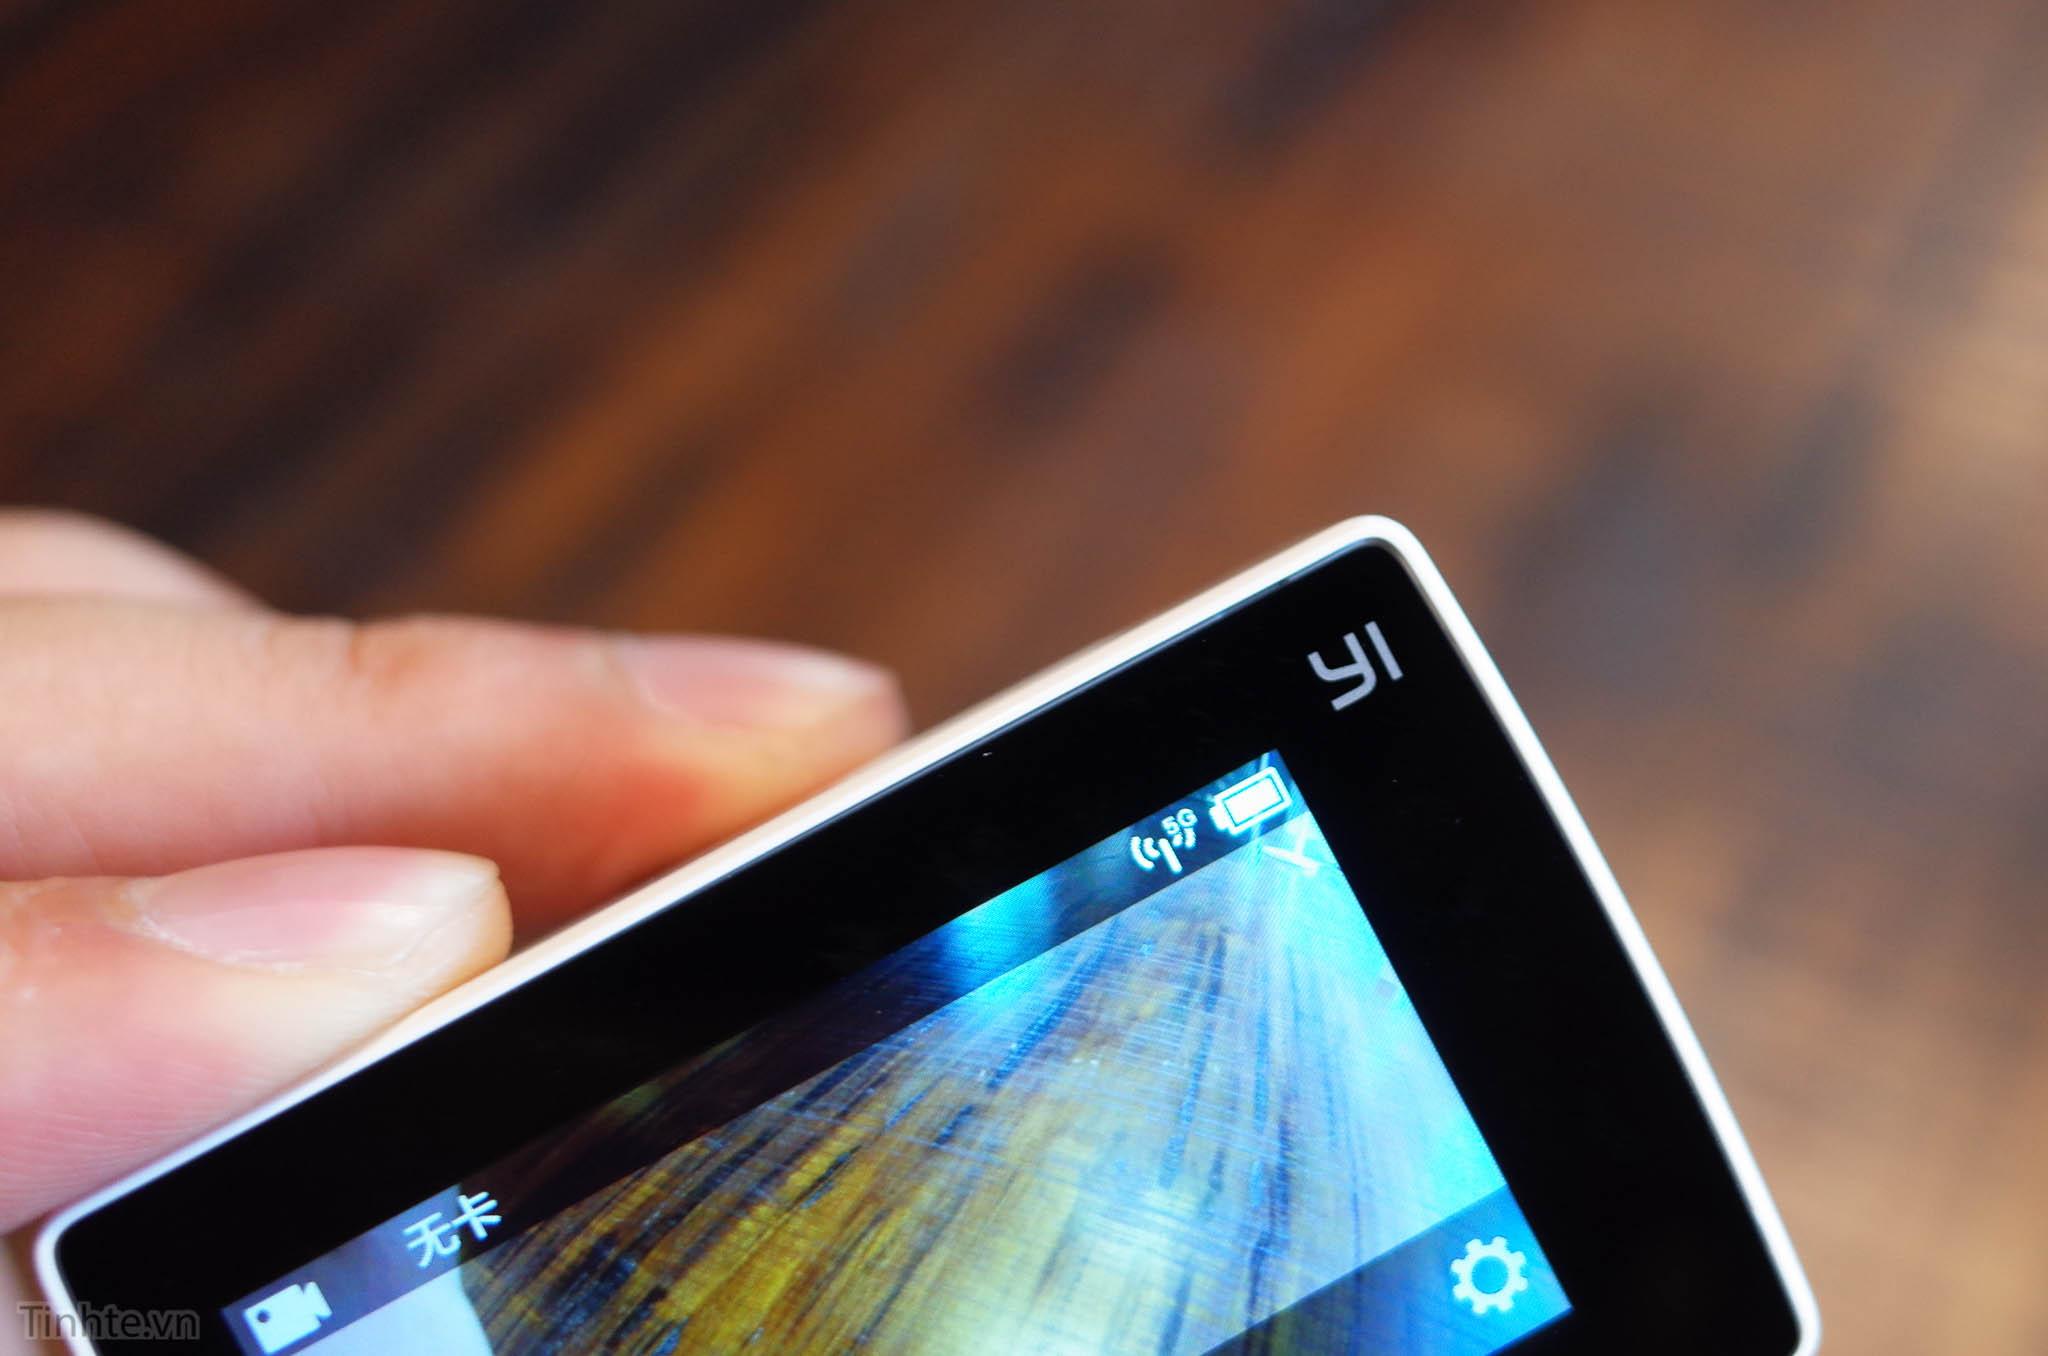 Xiaomi_Yi_4K_tinhte.vn-11.jpg